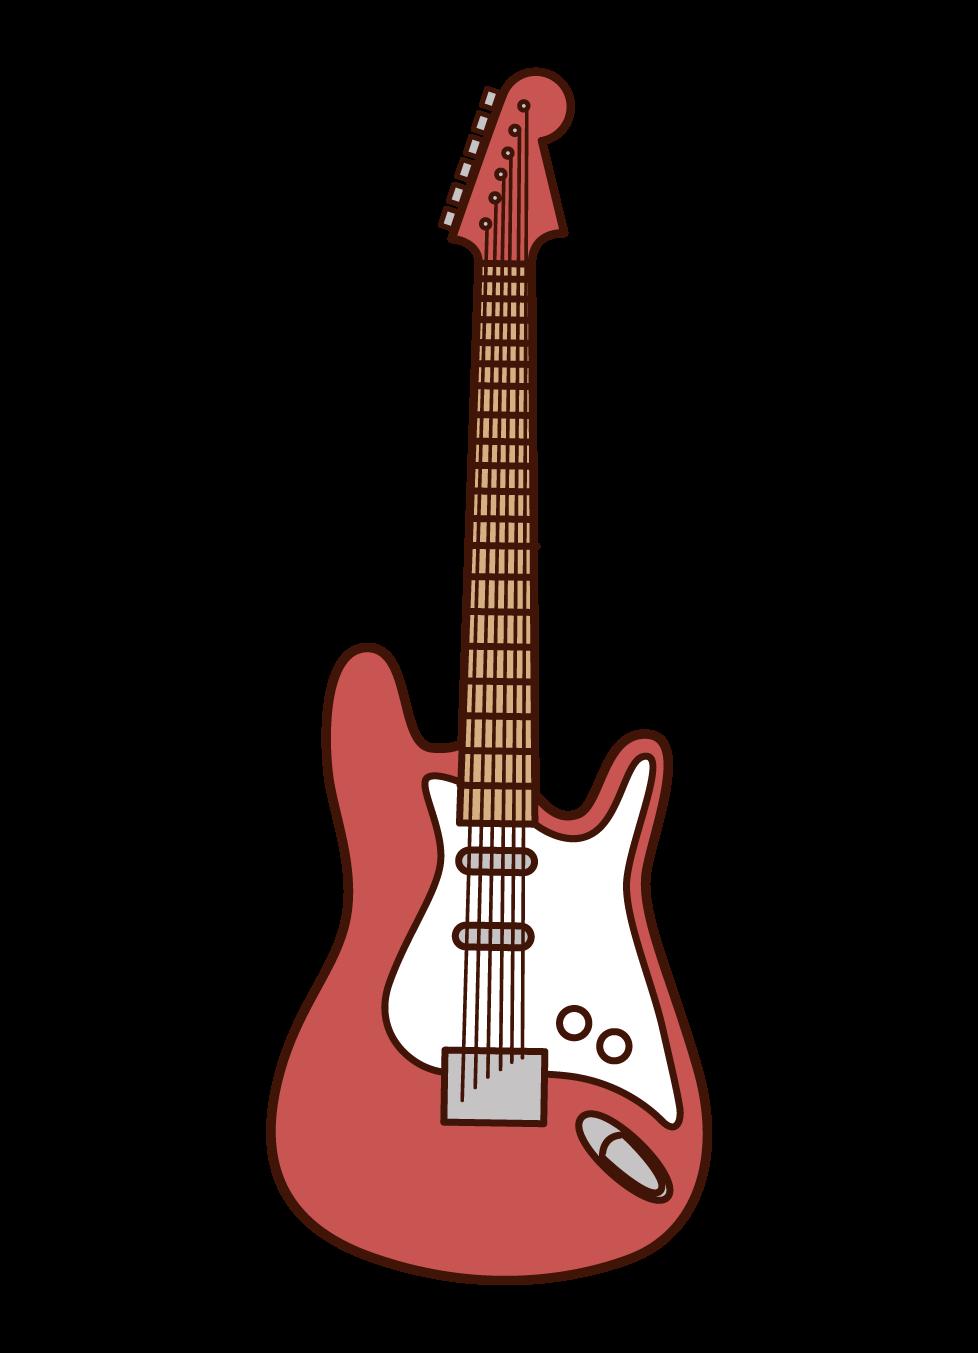 エレキギターのイラスト